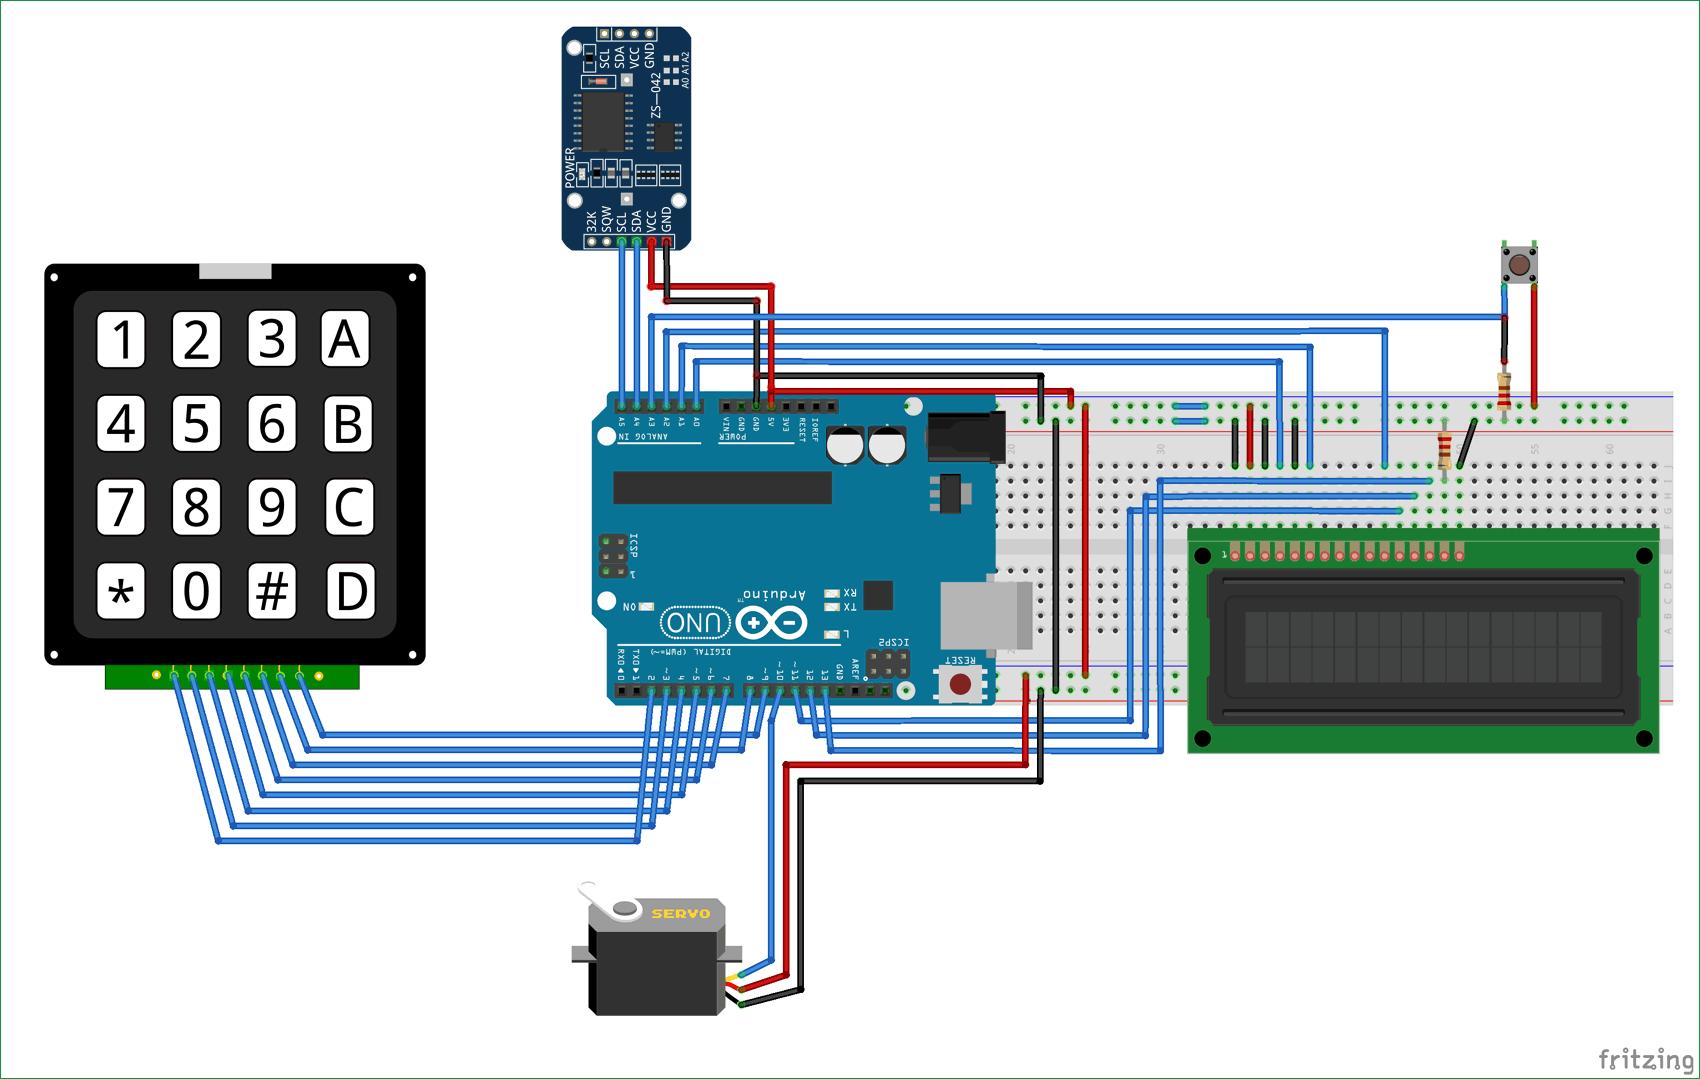 Схема автоматической кормушки для животных на основе платы Arduino